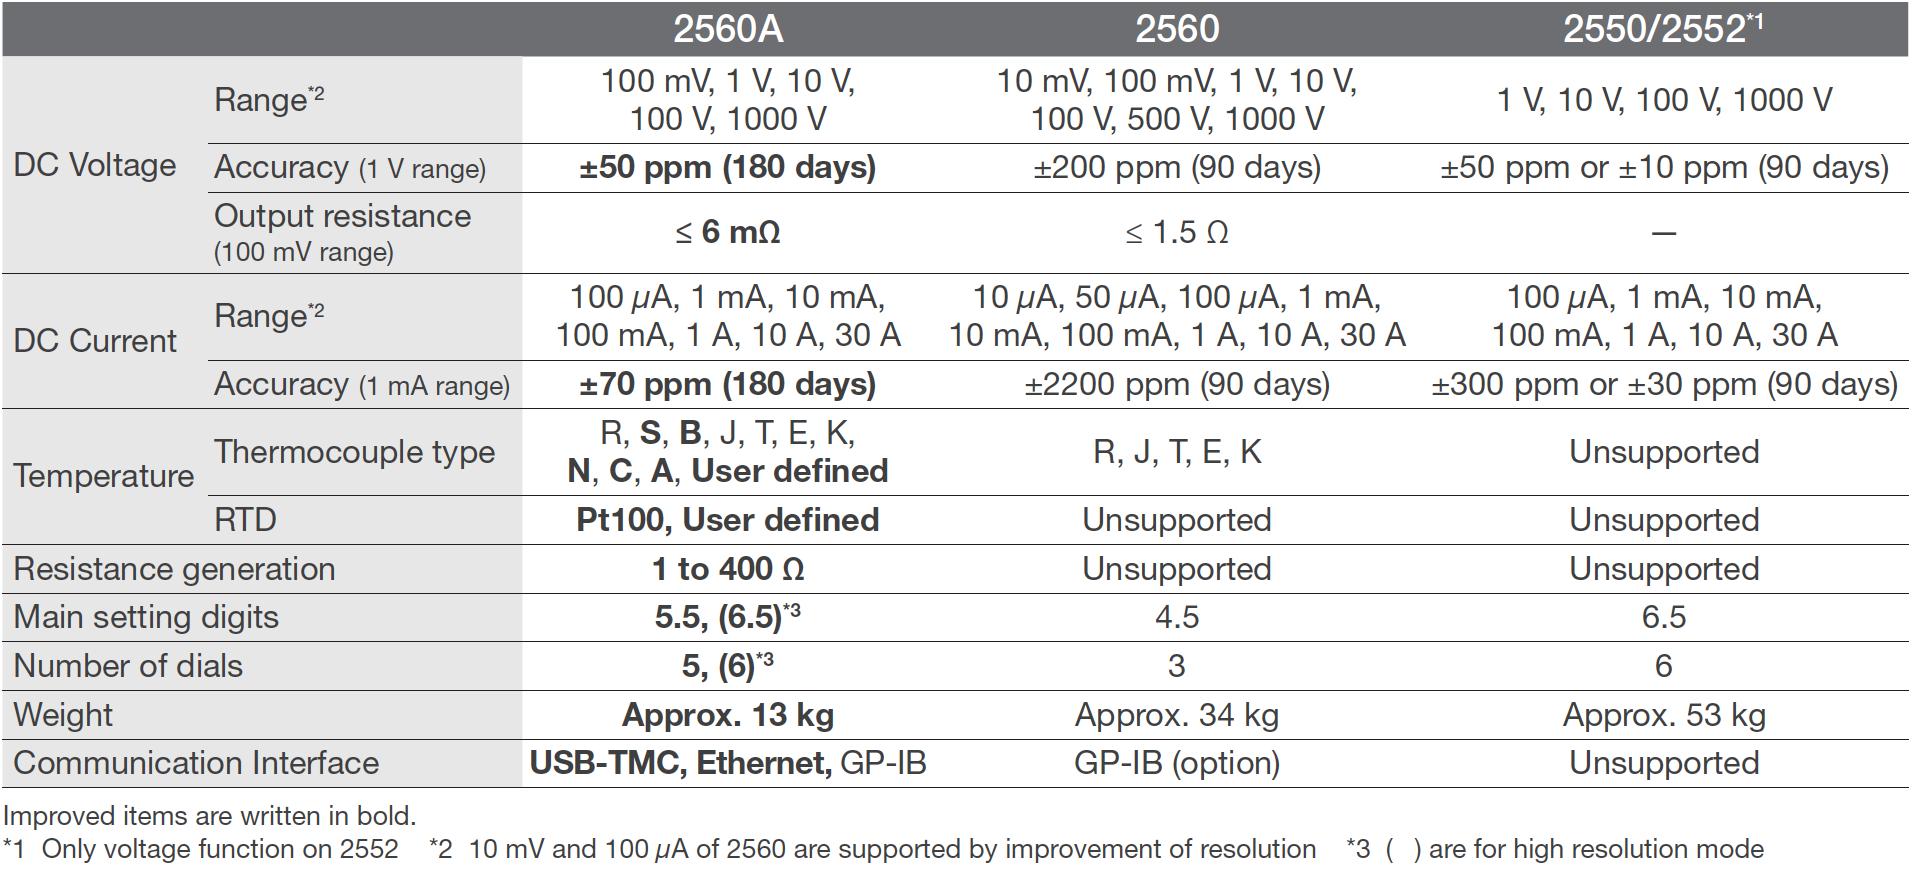 2560A Comparison Chart